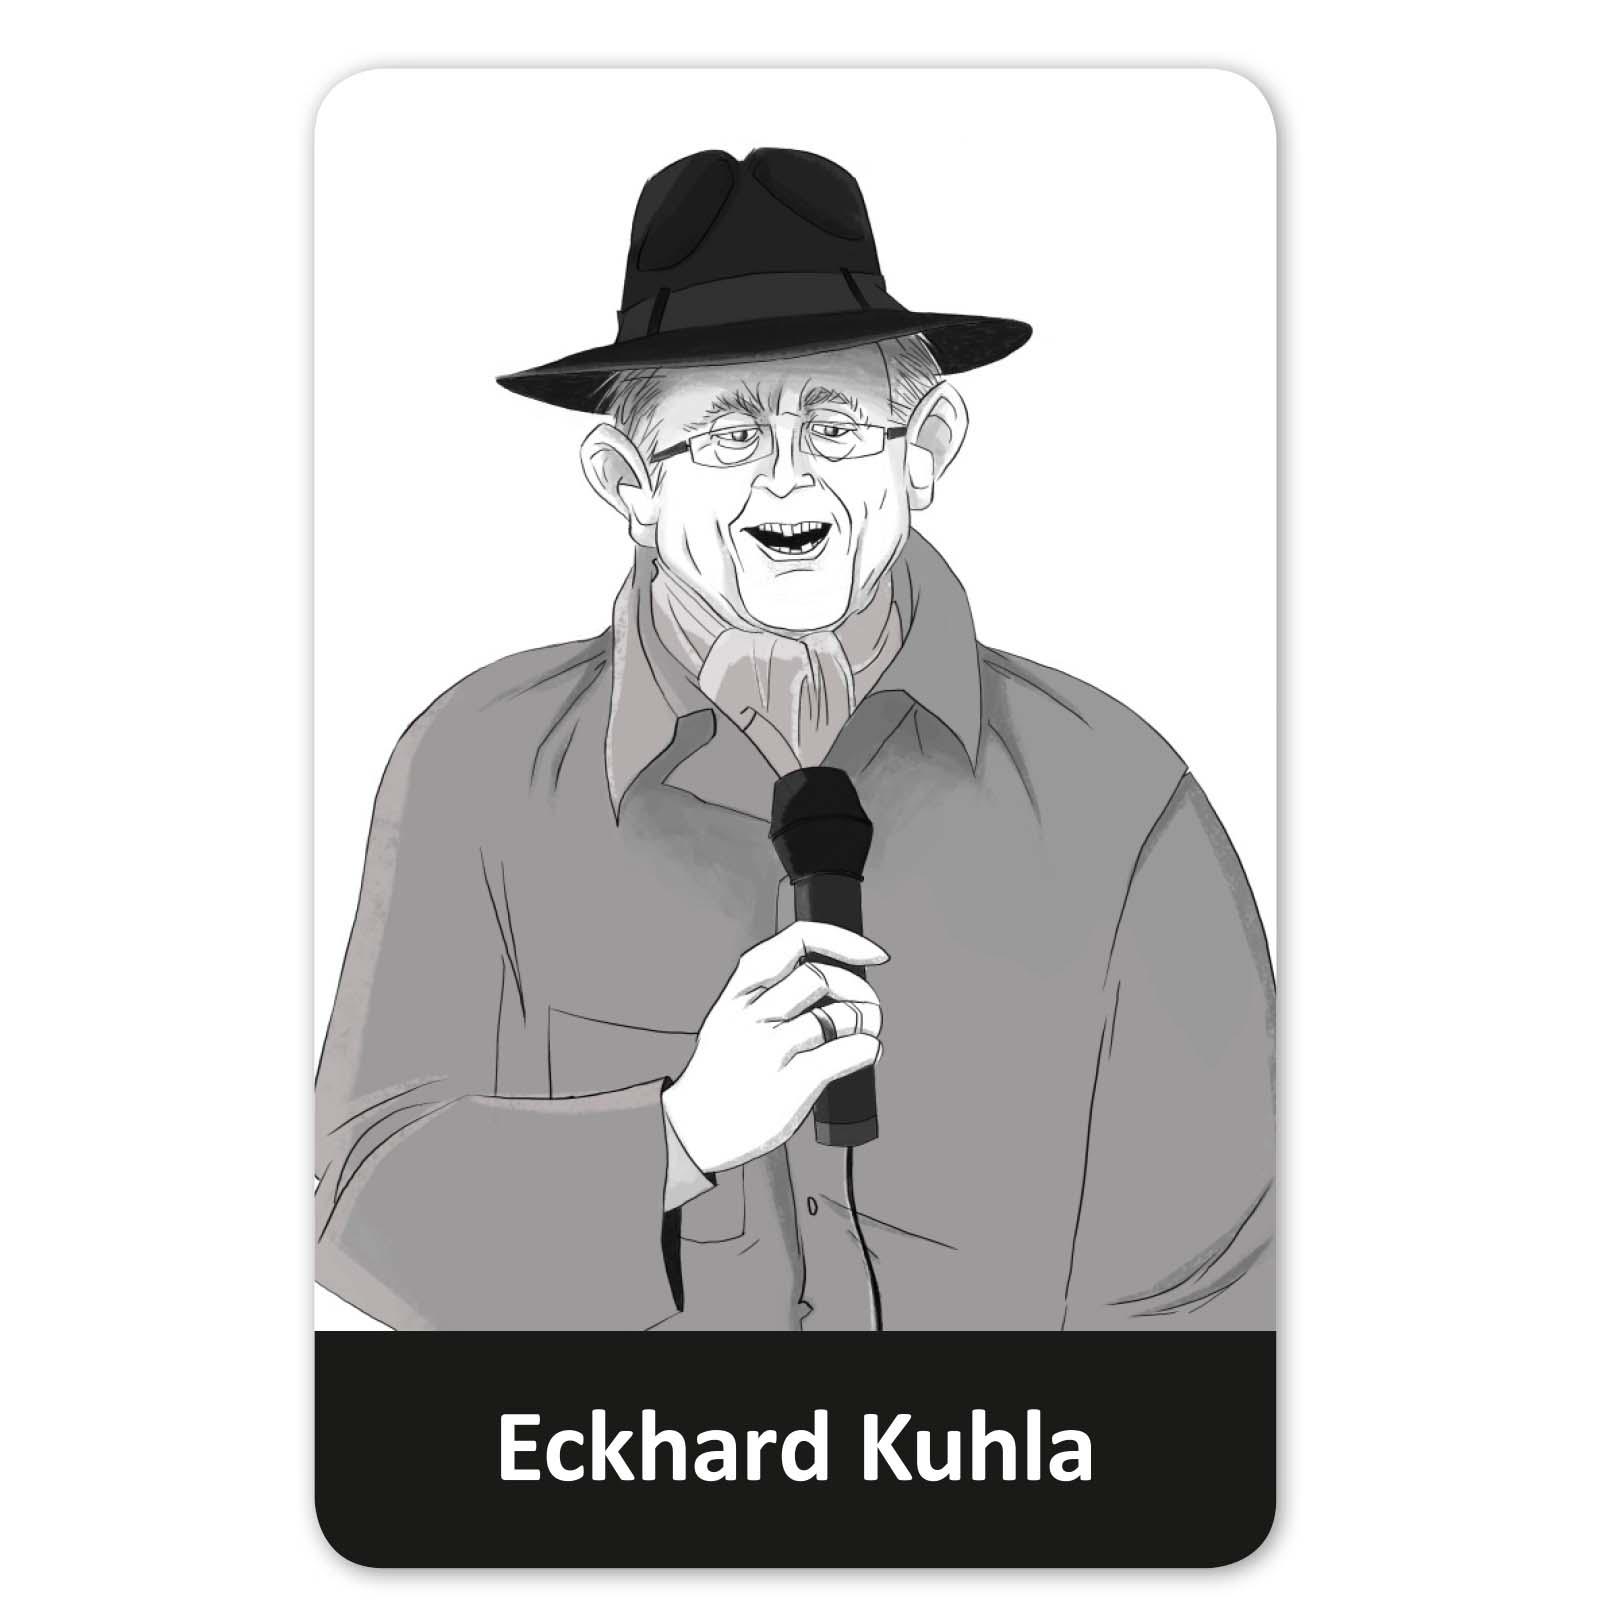 Eckhard Kuhla